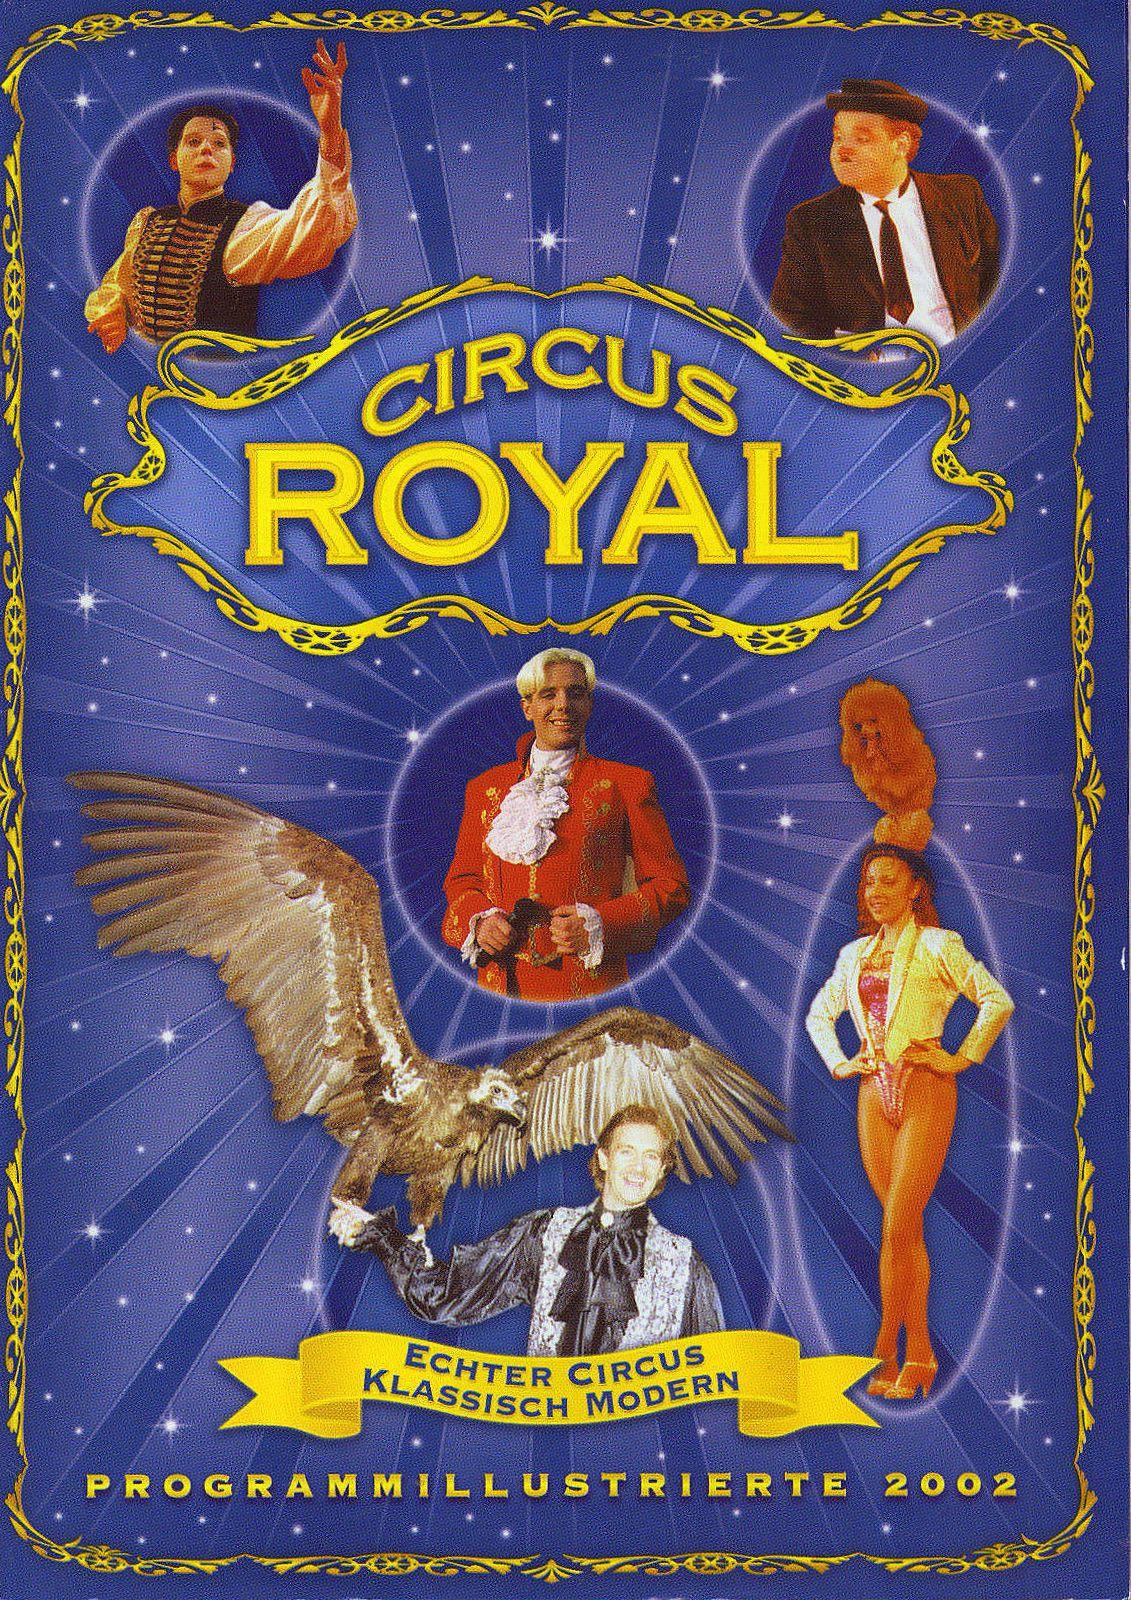 Les animaux reviennent sur la piste des cirques suisses